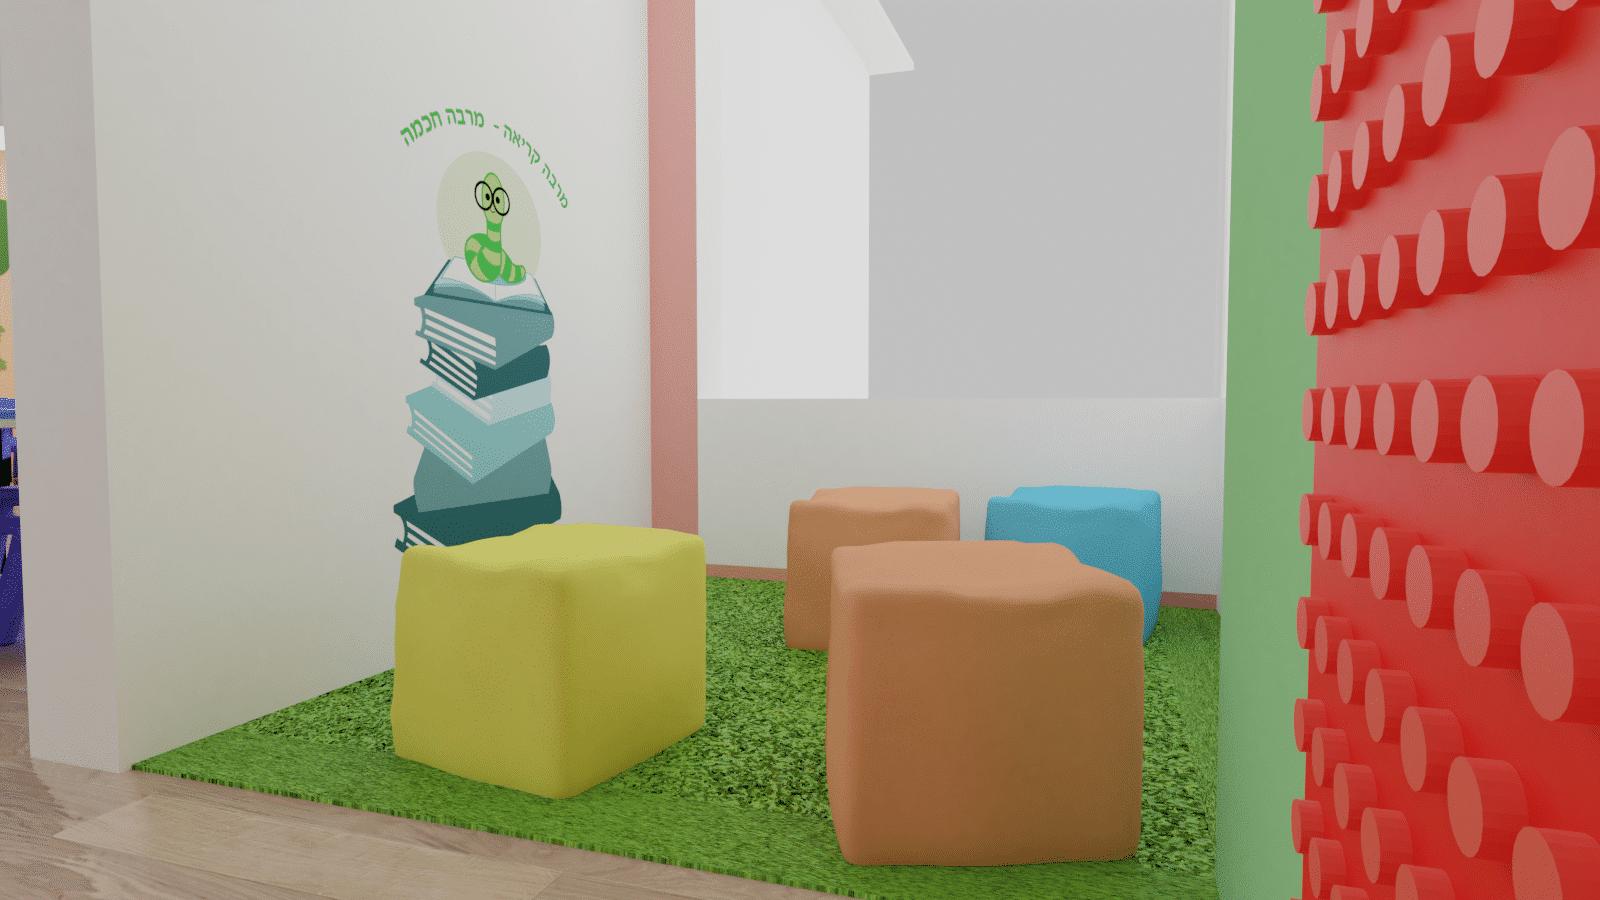 הדמיה של פינת קריאה בכיתה א'- קיר לגו, מקומות ישיבה ופרינט של תולעת ספרים